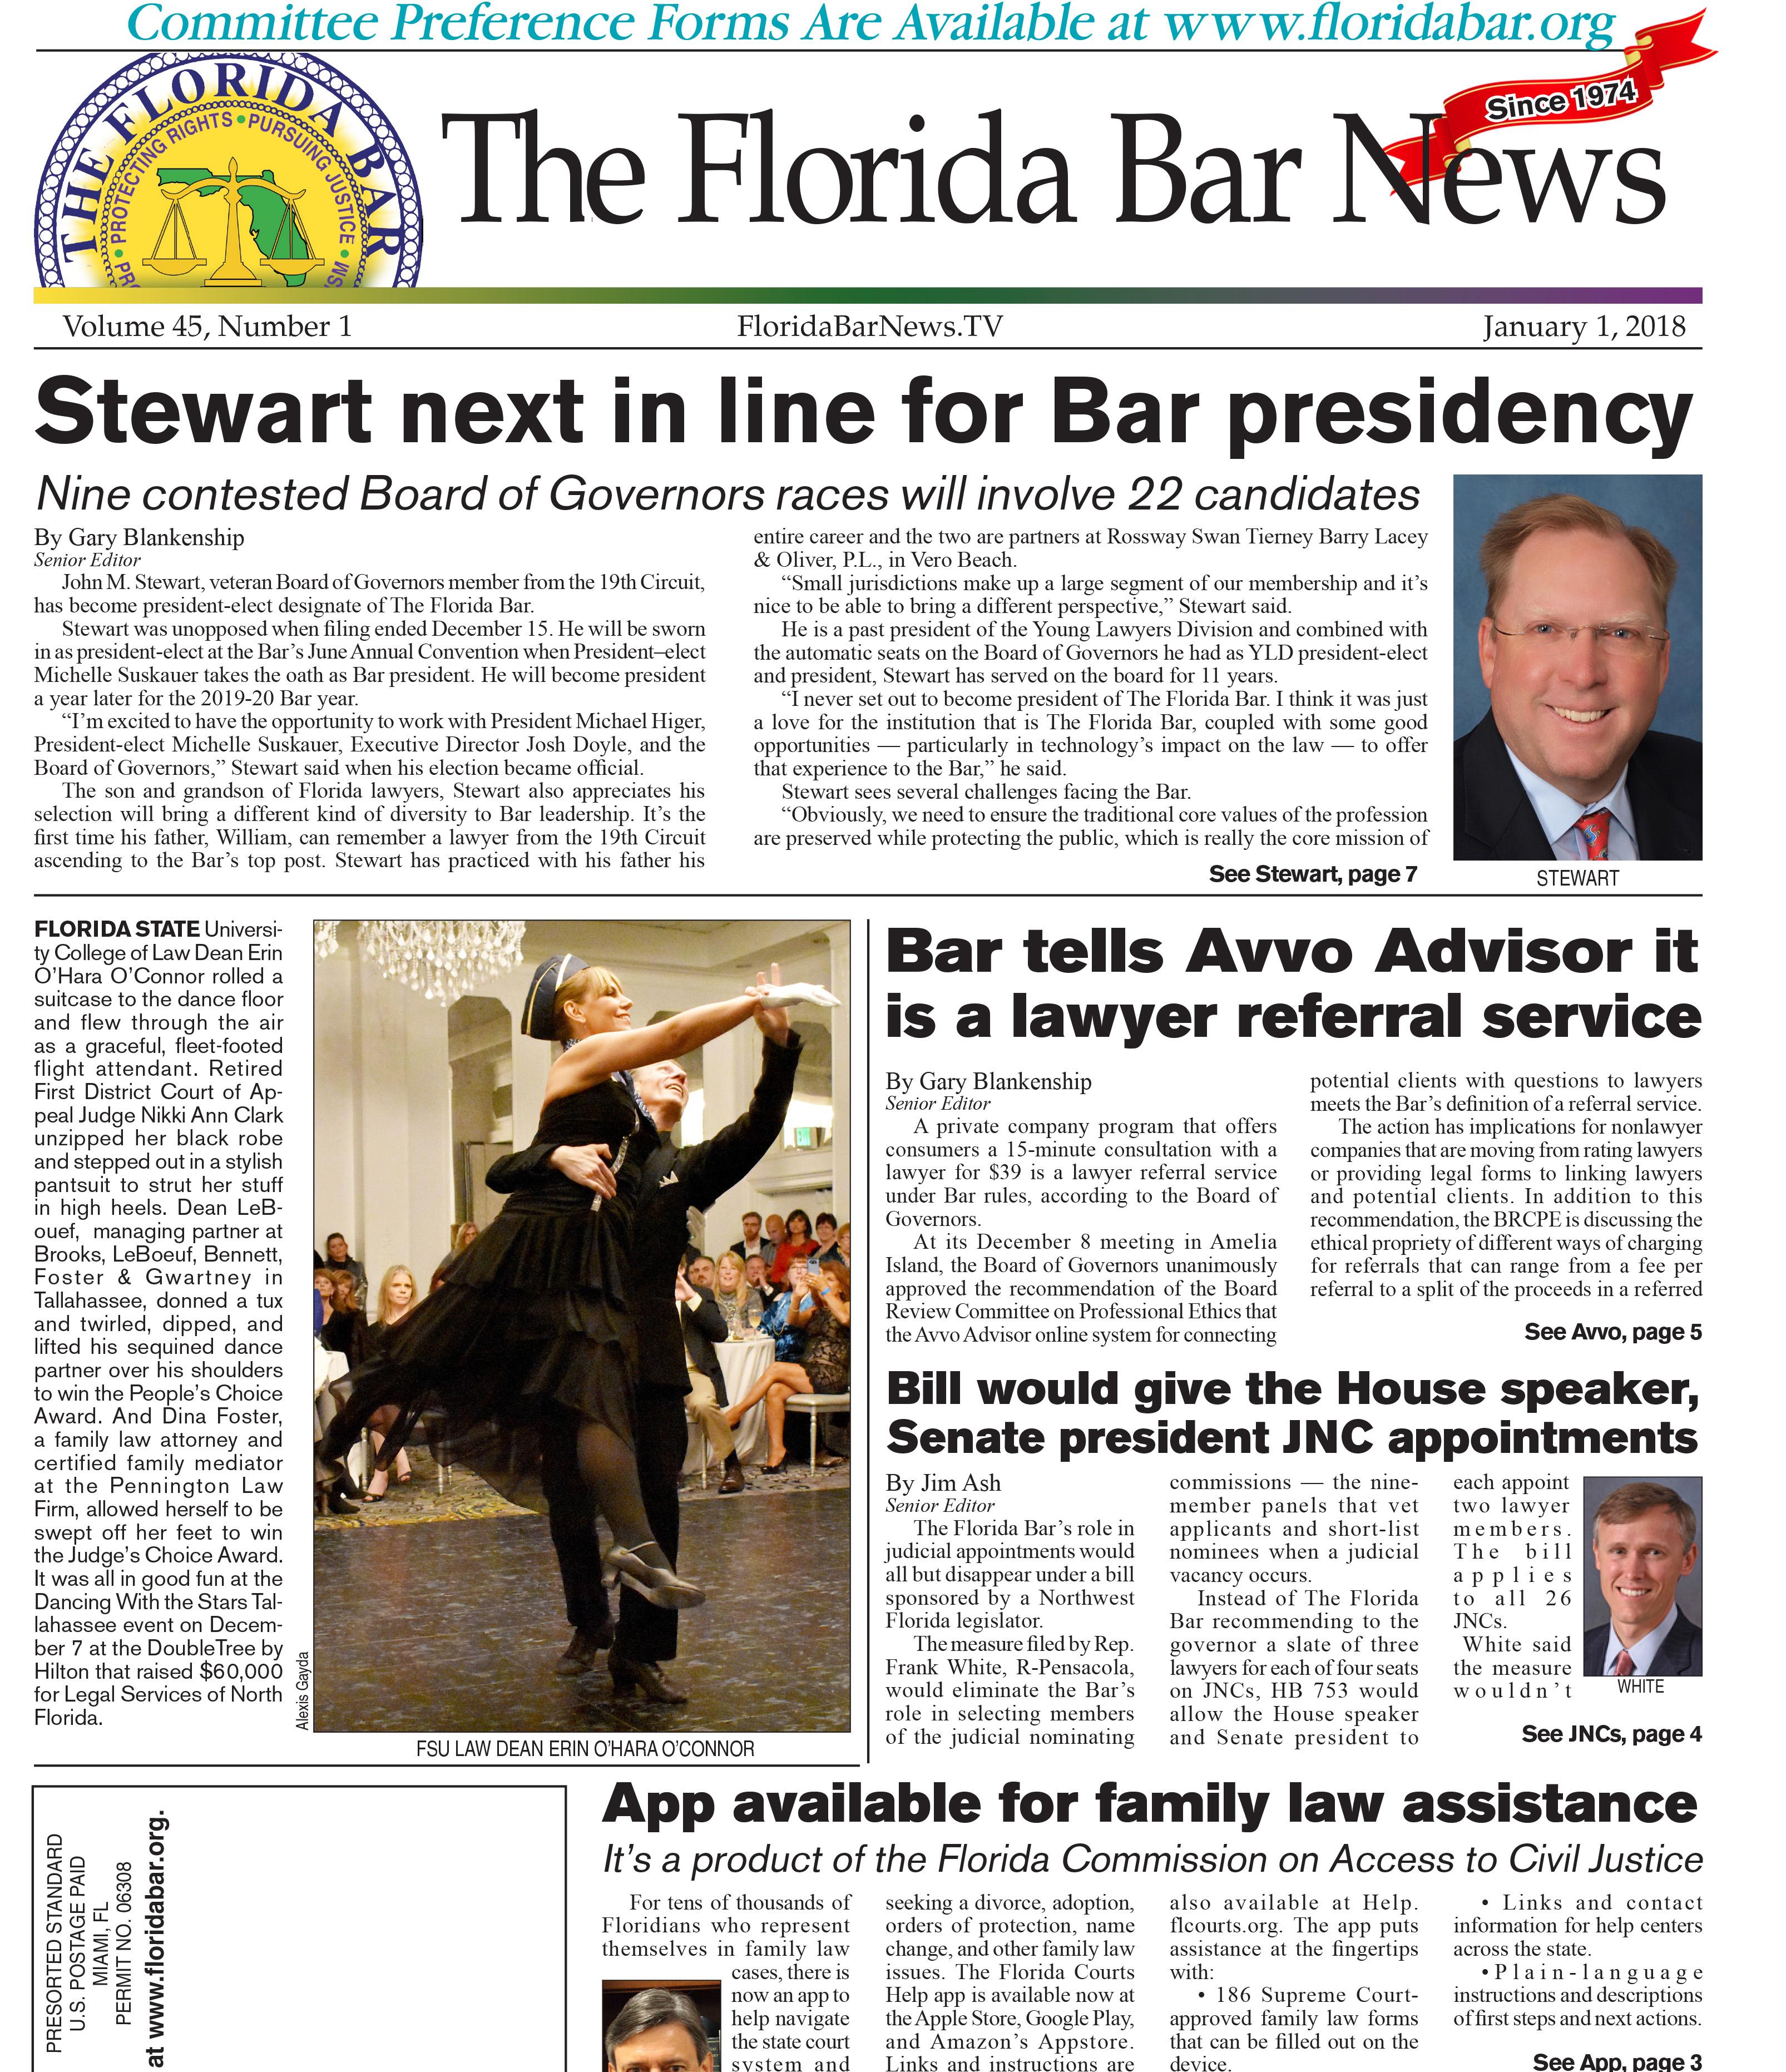 Jan. 1 2017 Florida Bar News